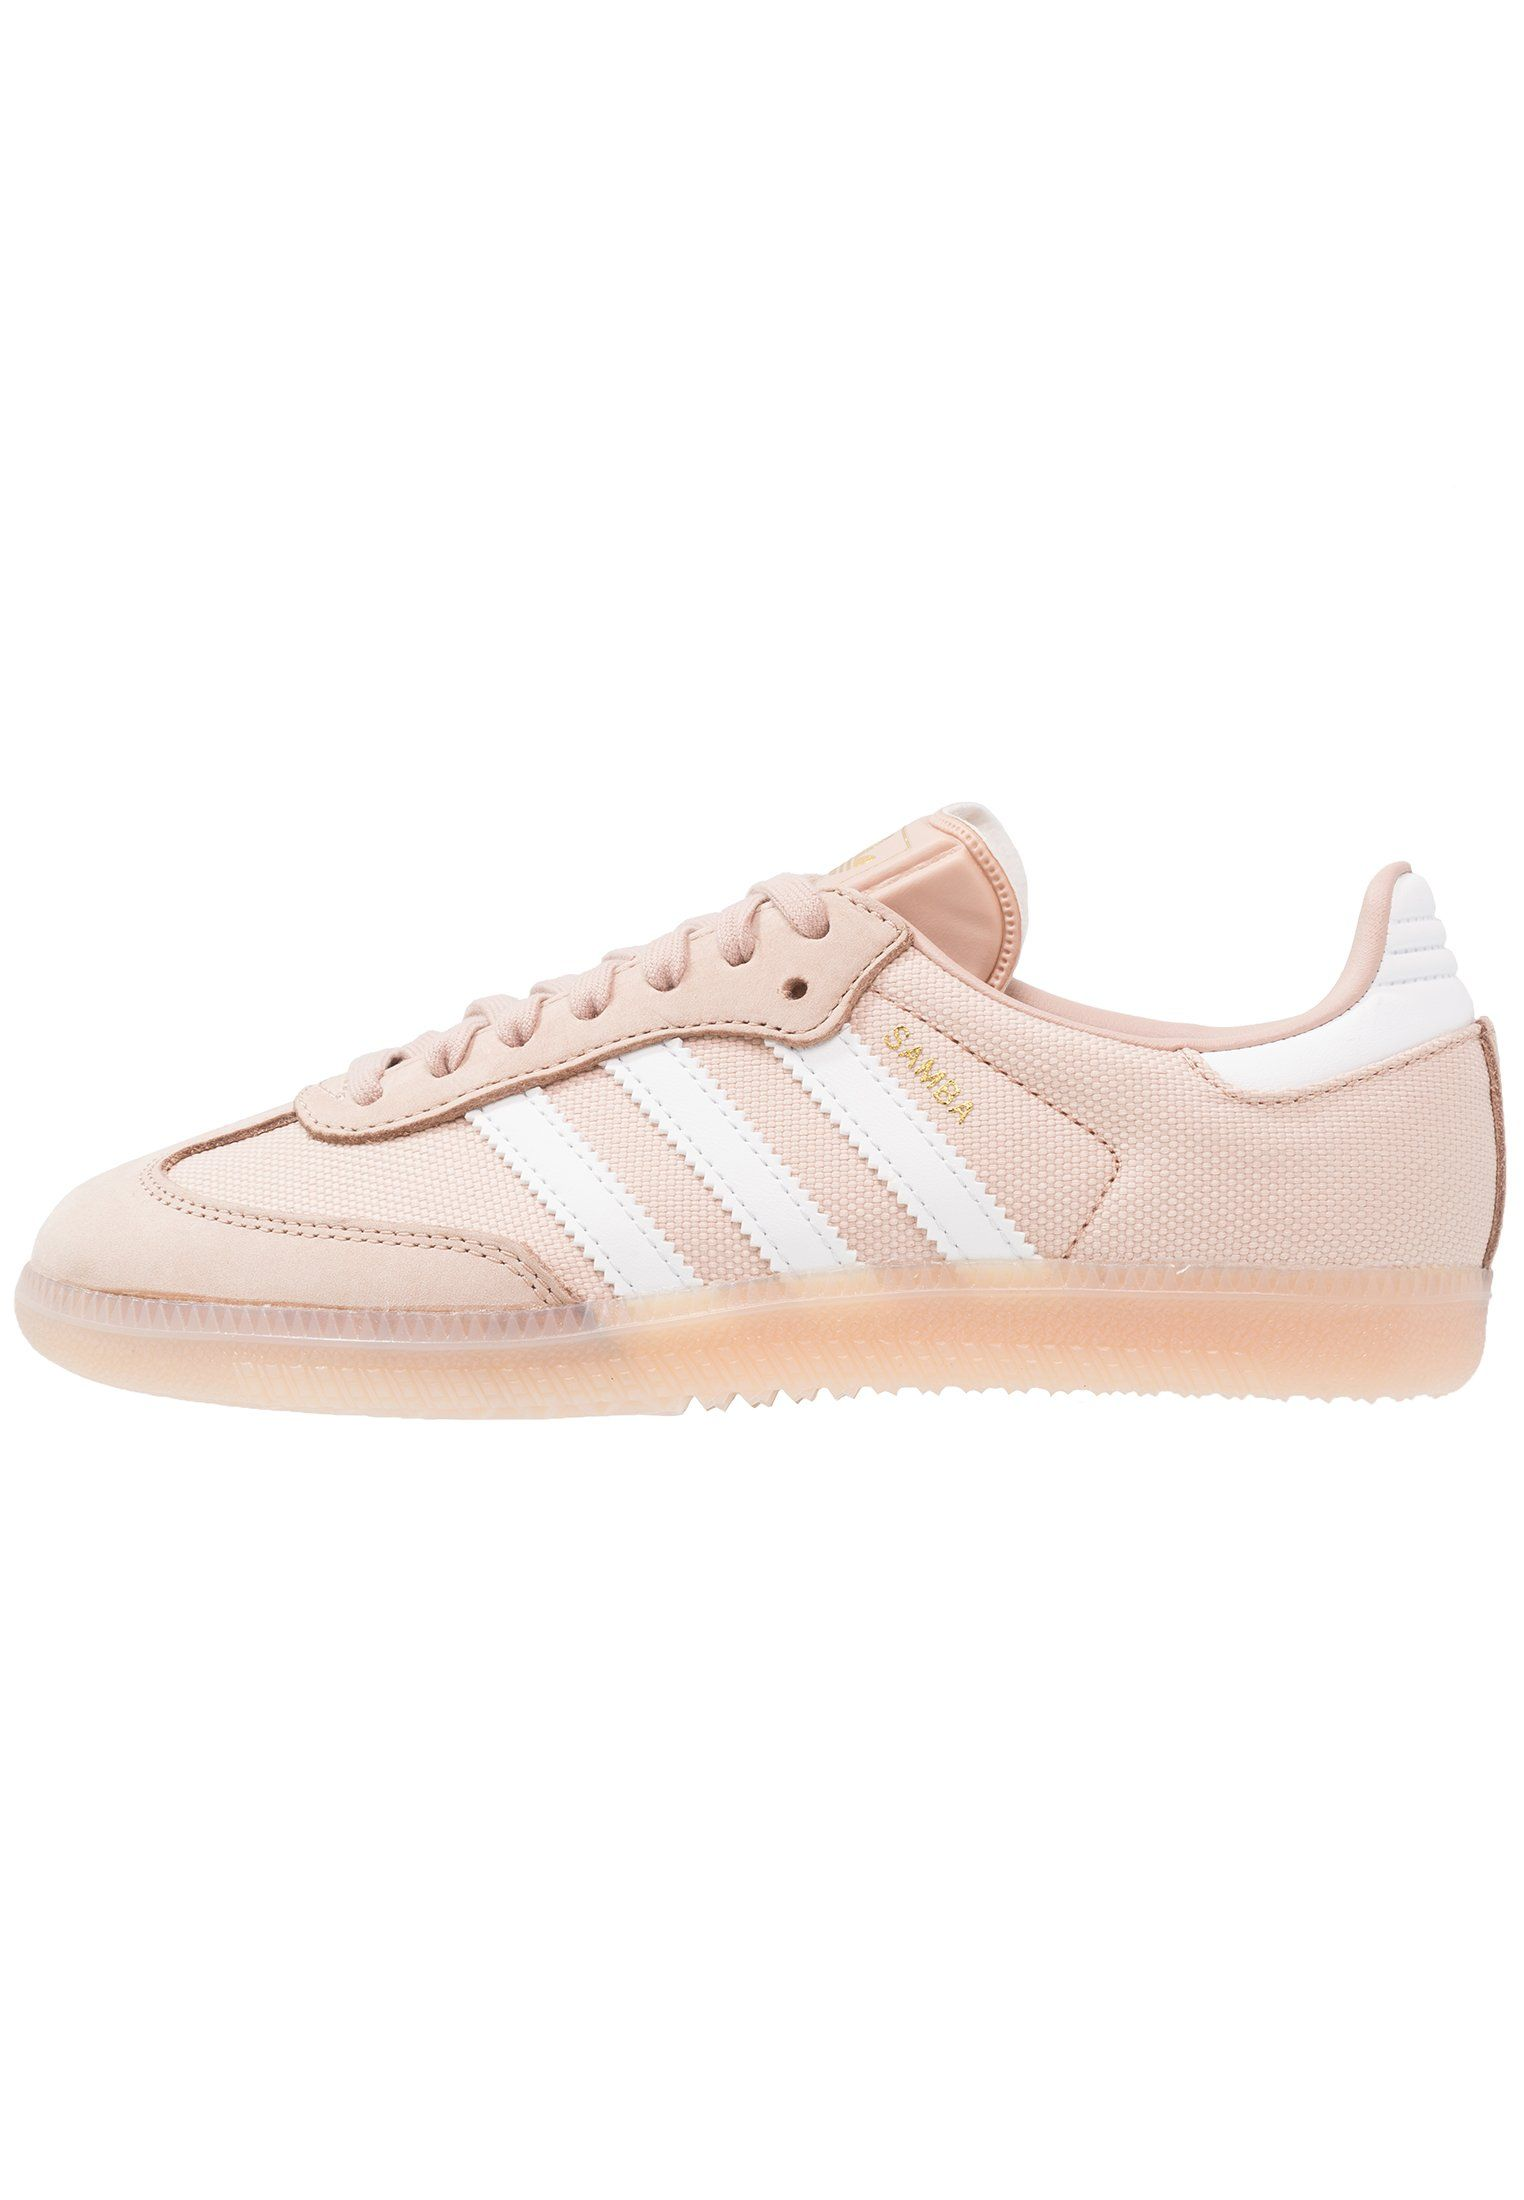 100% originales precio más bajo con último clasificado adidas Originals SAMBA - Zapatillas - ash pearl/crystal white - Zalando.es  | Zapatillas, Adidas, Samba